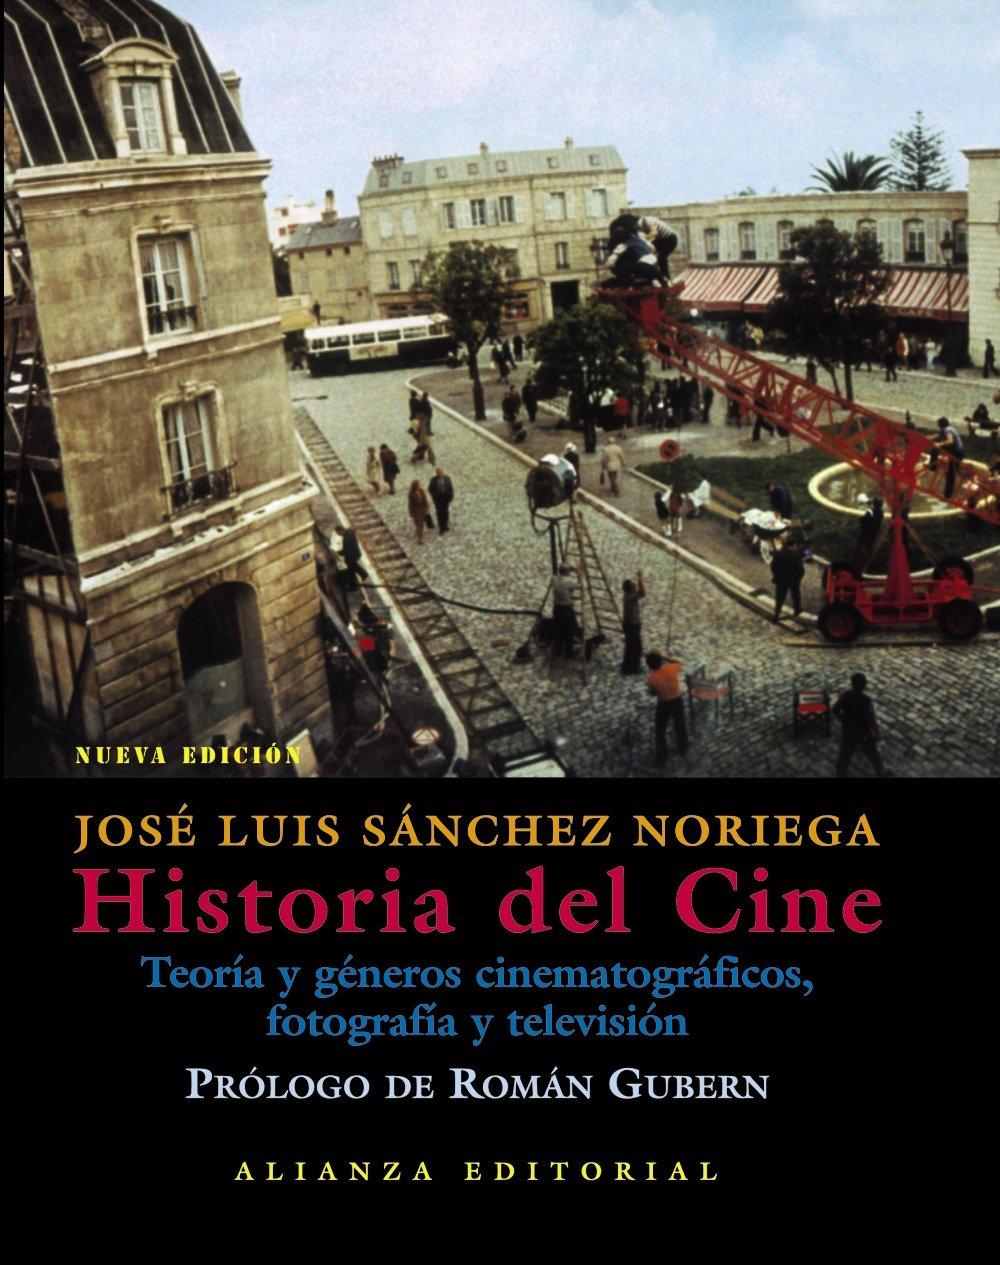 Historia del cine: Teoría y géneros cinematográficos, fotografía y televisión Libros Singulares Ls: Amazon.es: Sánchez Noriega, José Luis: Libros